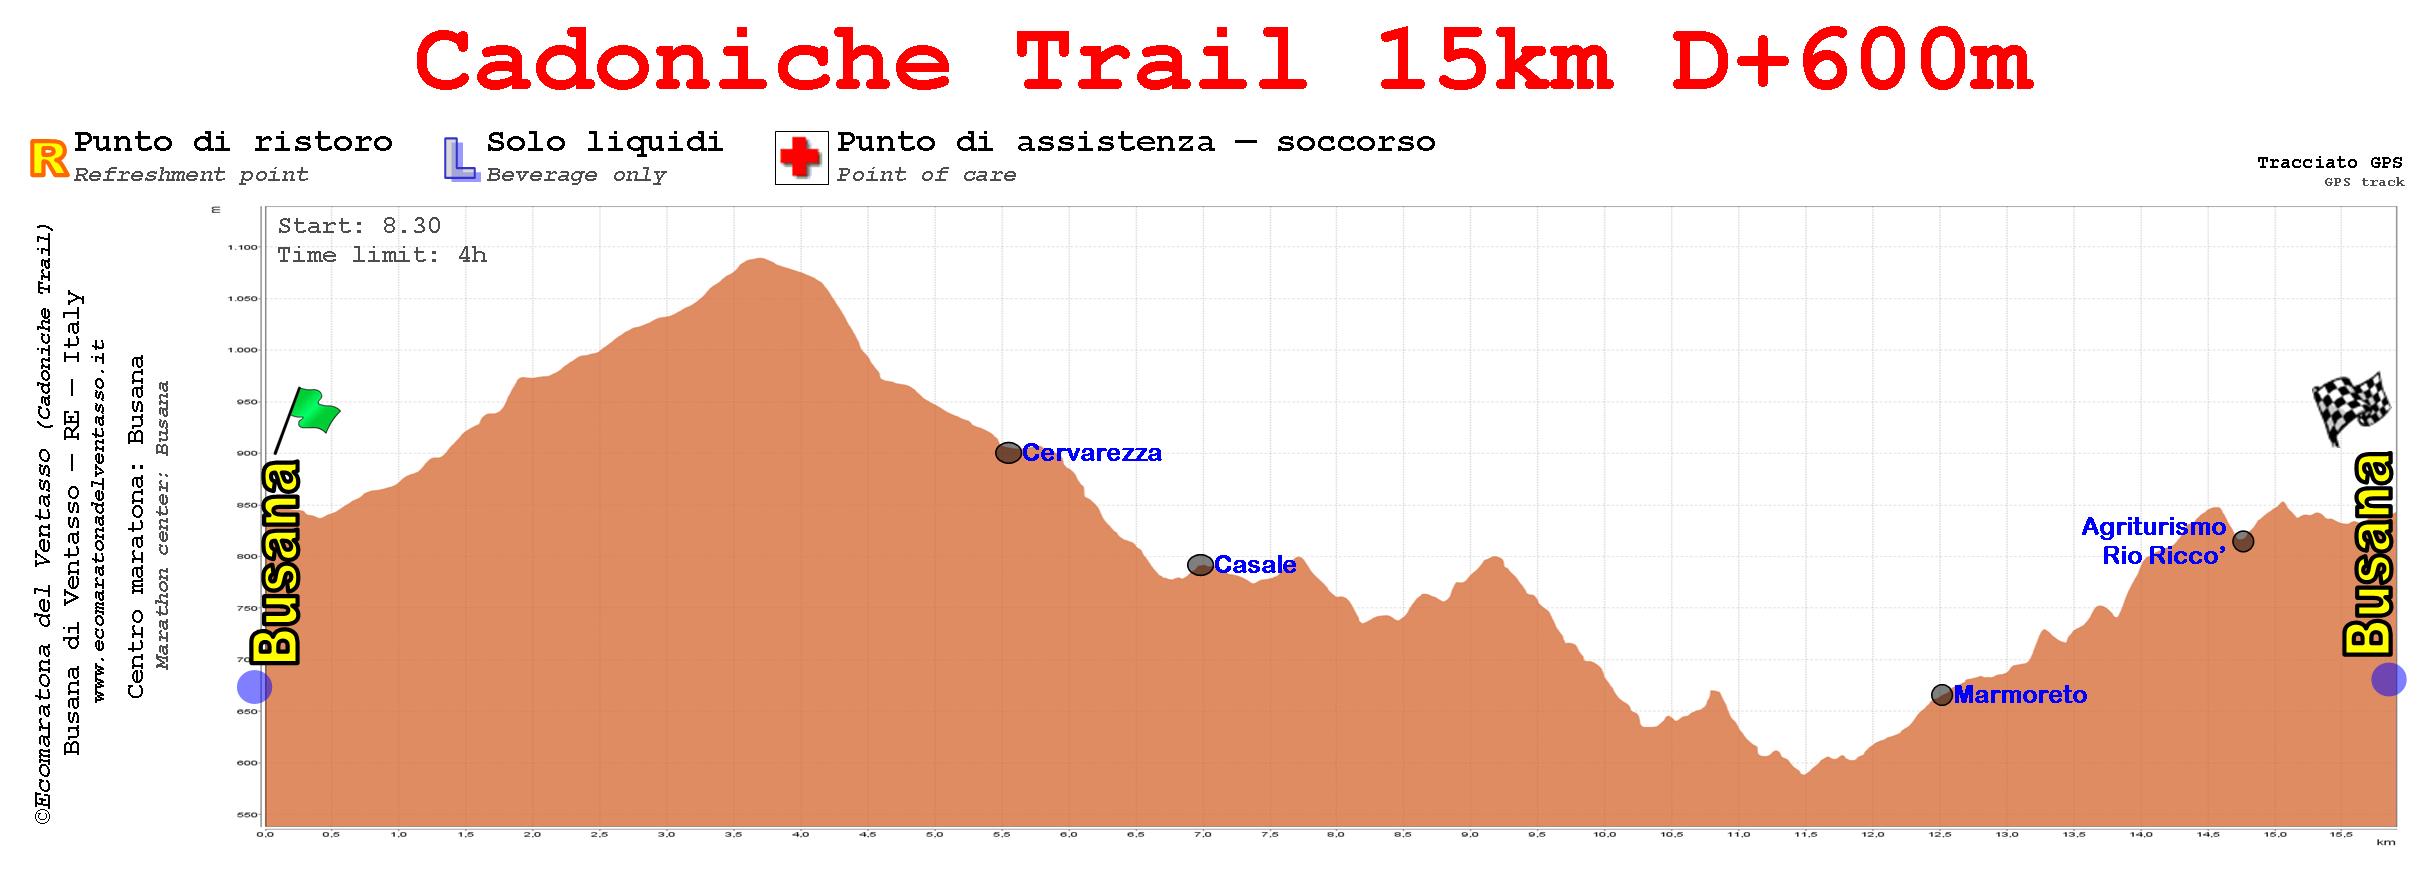 Altimetria cadoniche trail